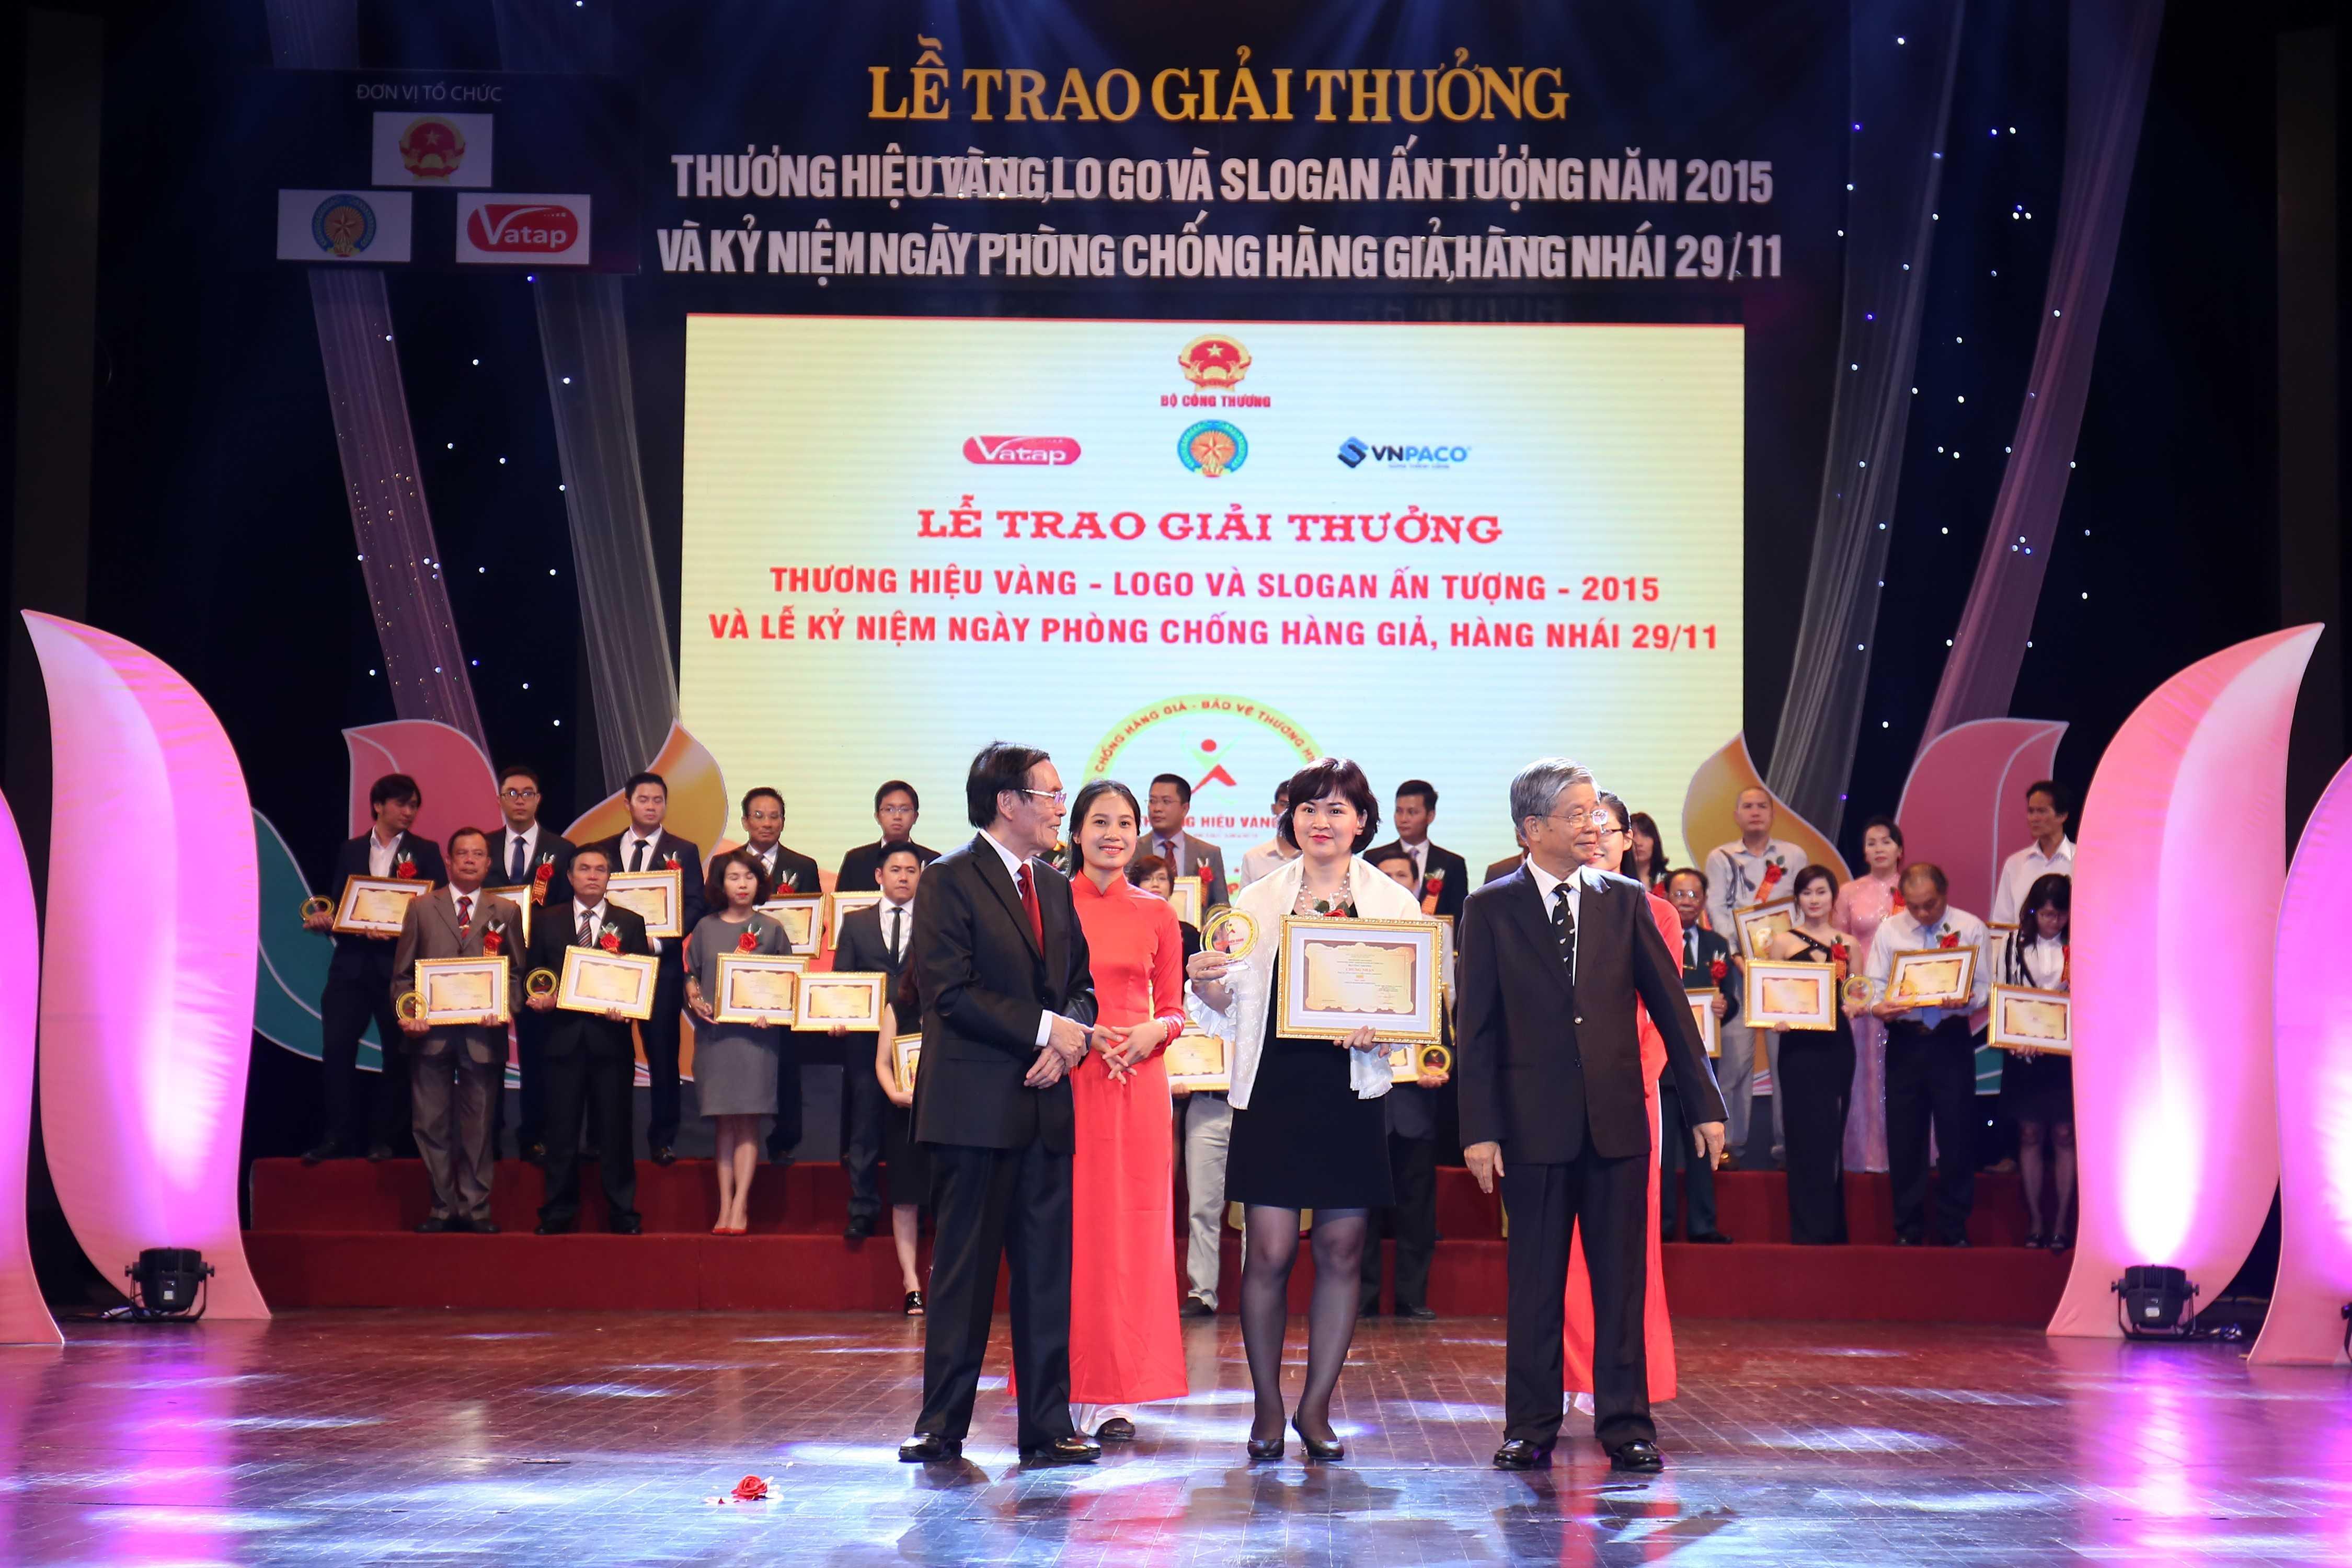 Bà Đào Phương Hoa – Phó Ban Truyền thông đại diện Tổng công ty Viễn thông MobiFone nhận giải thưởng do lãnh đạo Bộ Công Thương trao tặng